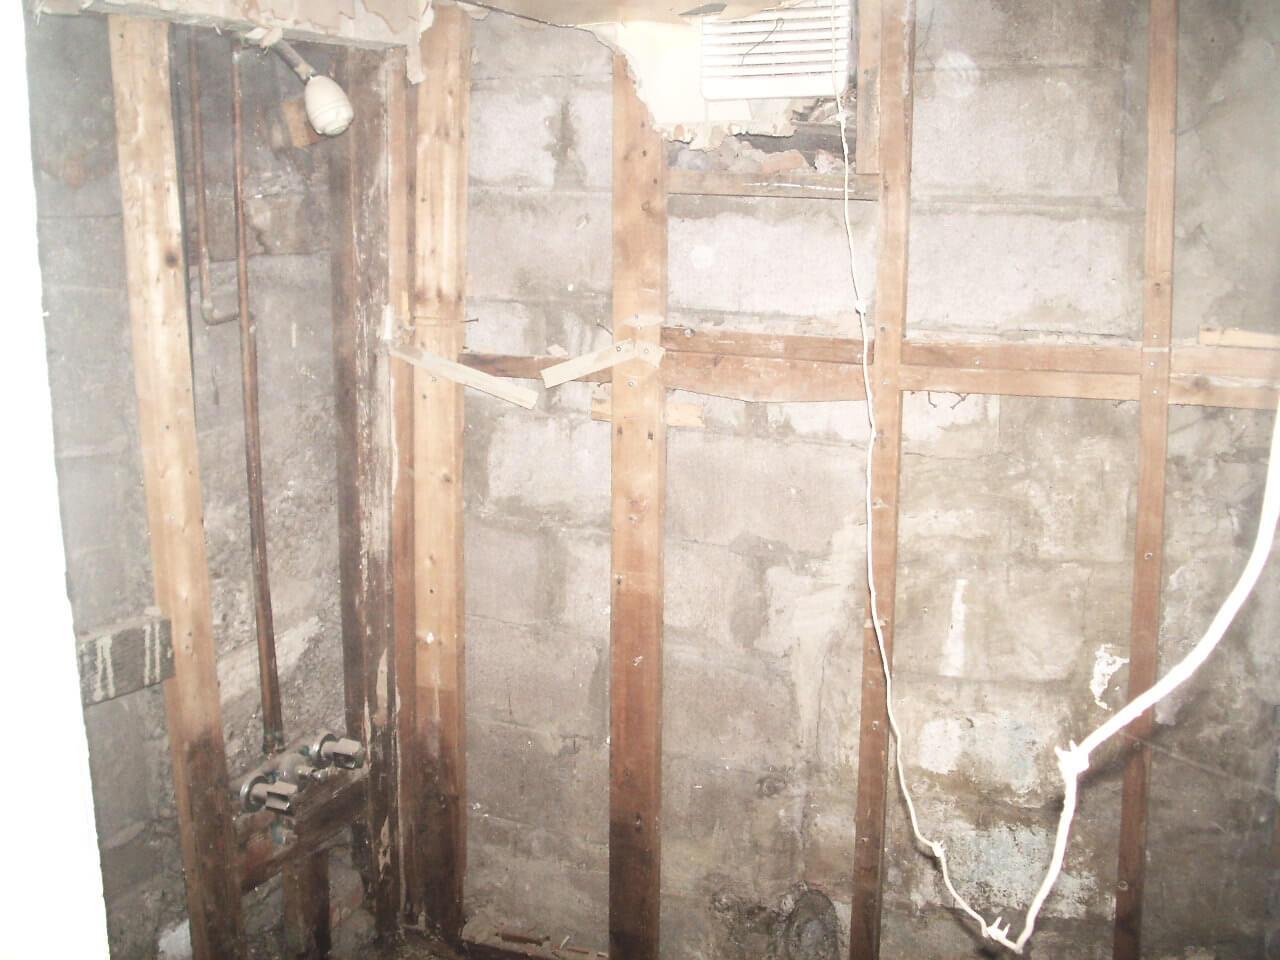 Basement-Underpinning-Contractor-Toronto-Claremont-St-13